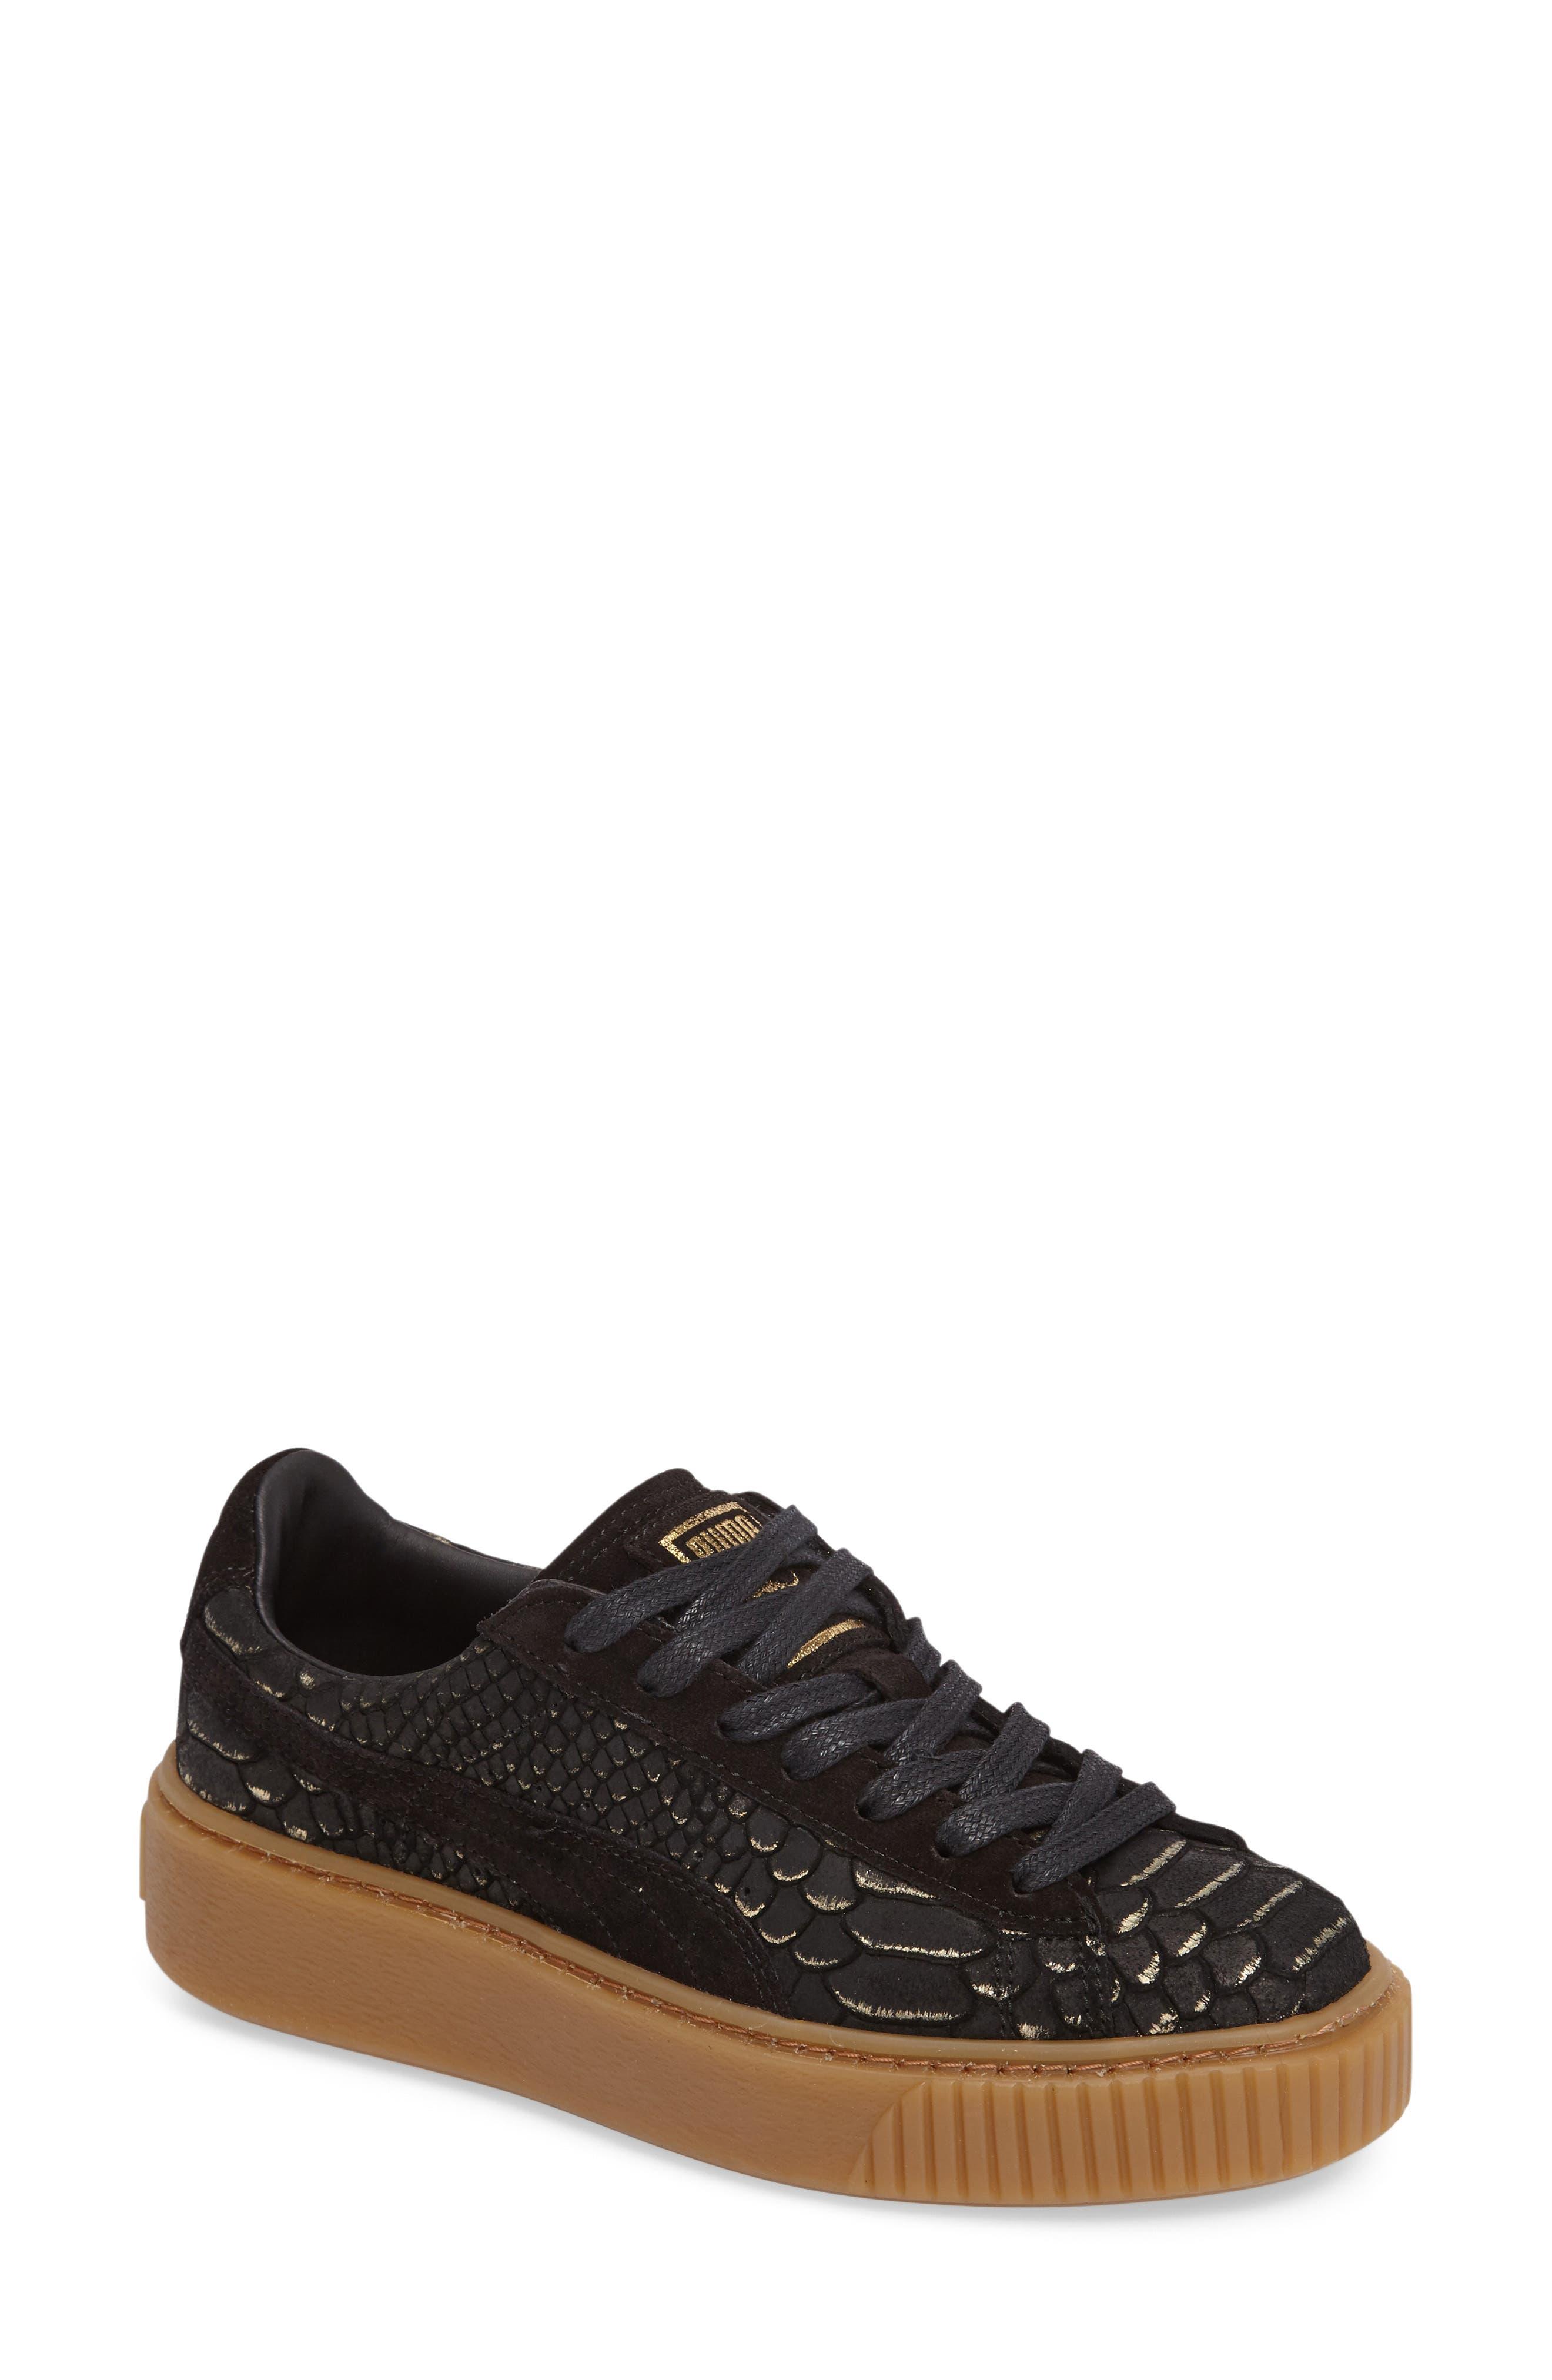 Exotic Skin Platform Sneaker,                             Main thumbnail 1, color,                             001